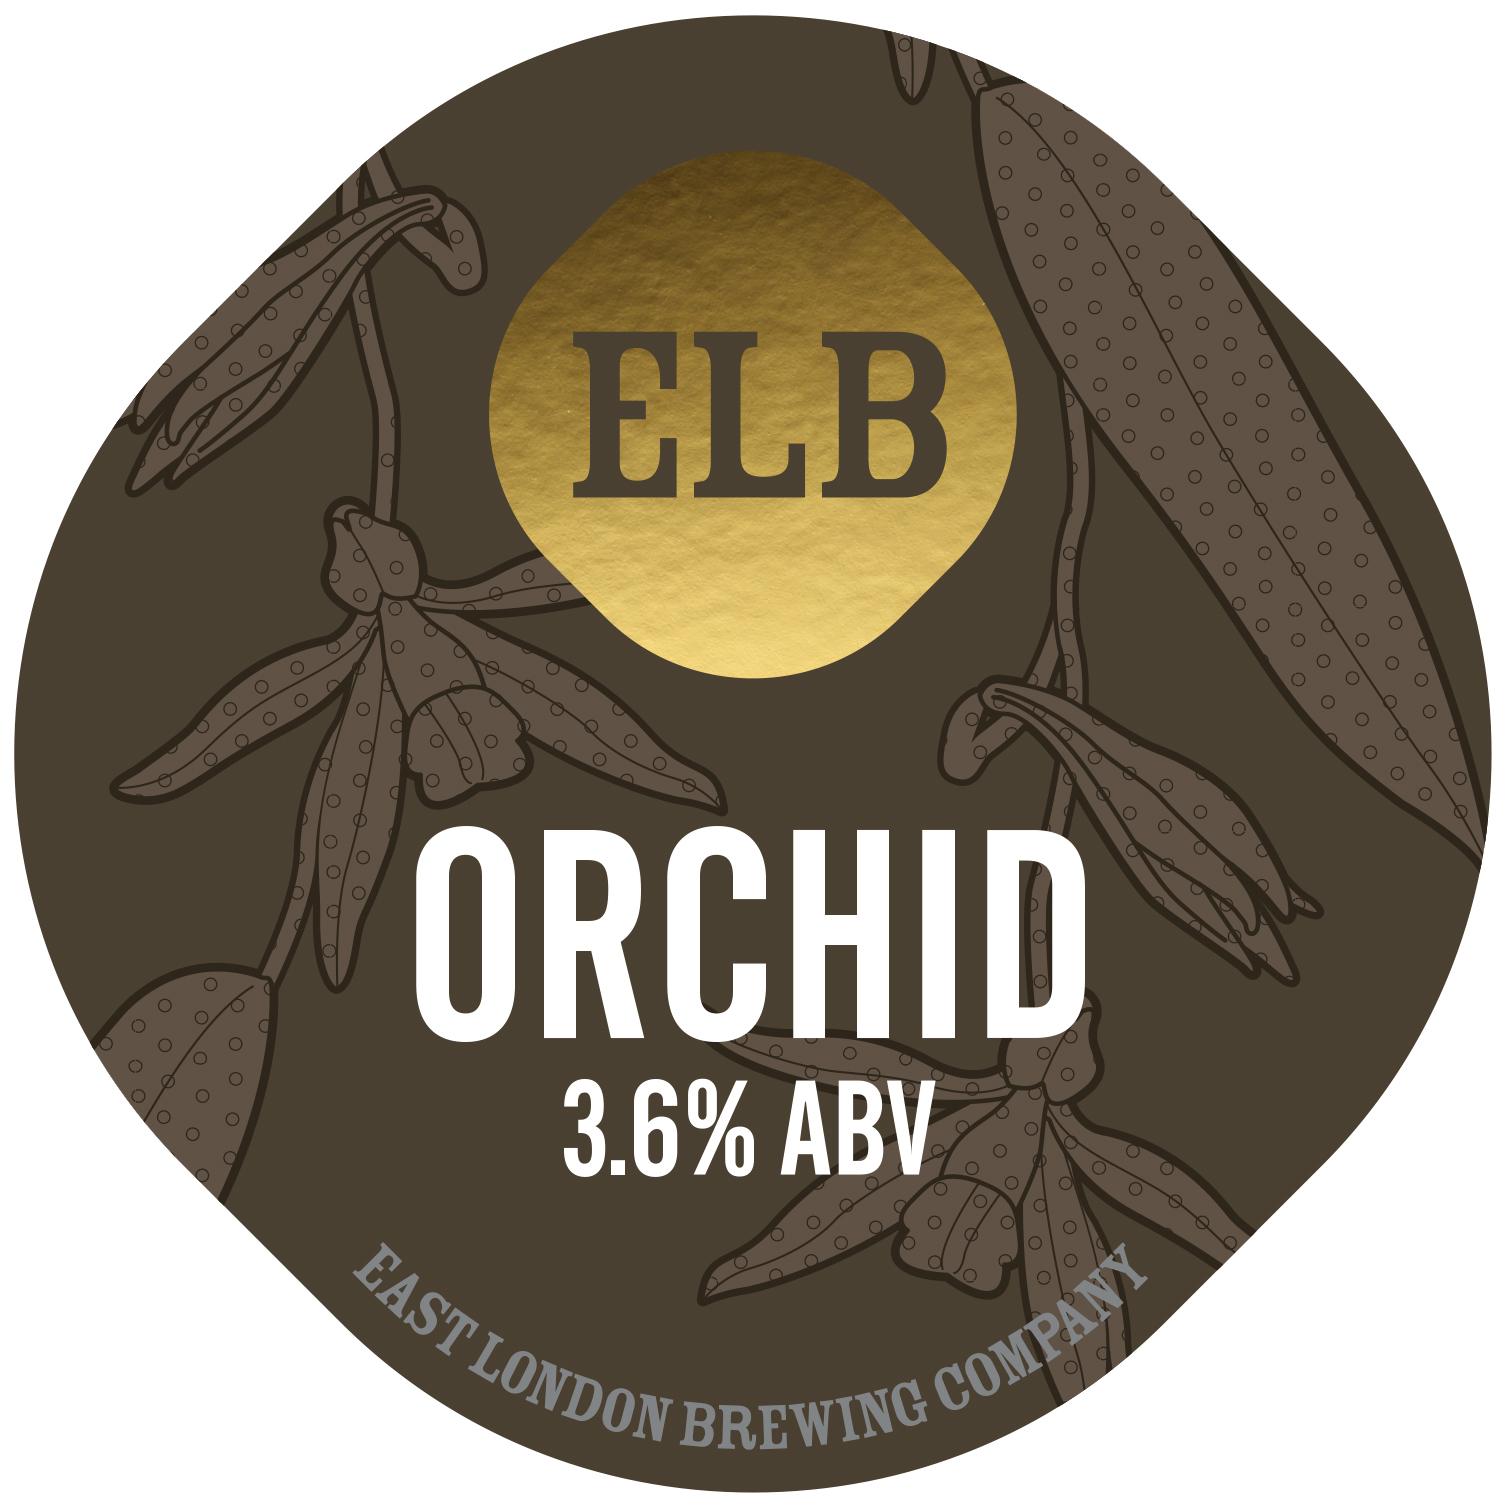 East London Brewing Orchid Vanilla Mild 9 Gallons Dark 3.6%